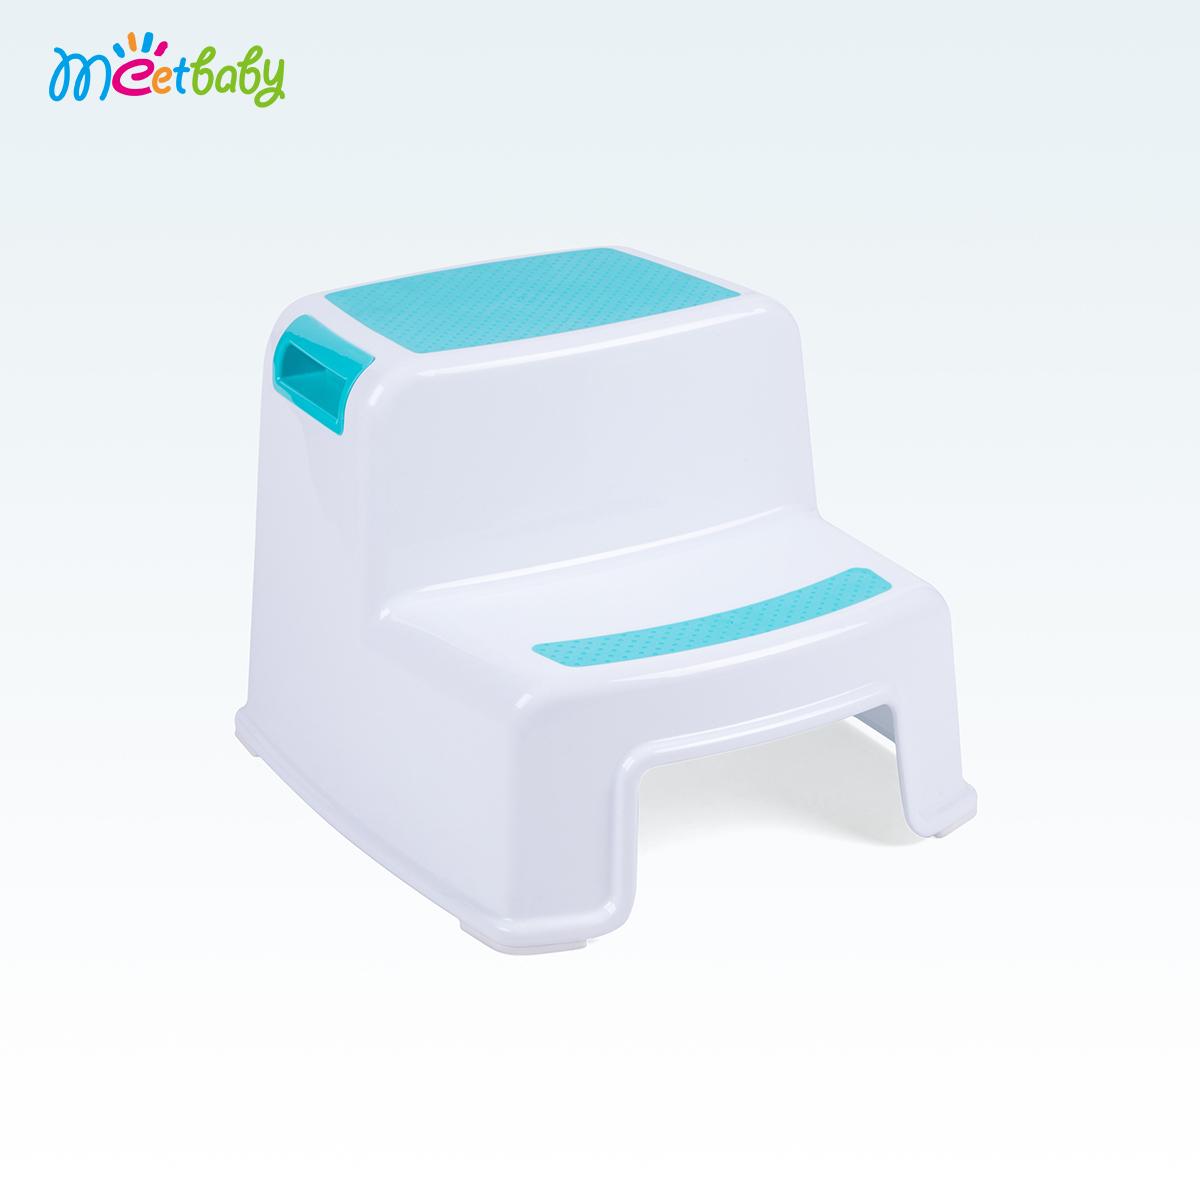 Bain Toilette Souple De Cuisine Pour Bébé Tabouret Formation 2 Salle La Et Antidérapante Sécurité Enfants Poignée rhCdtsQ